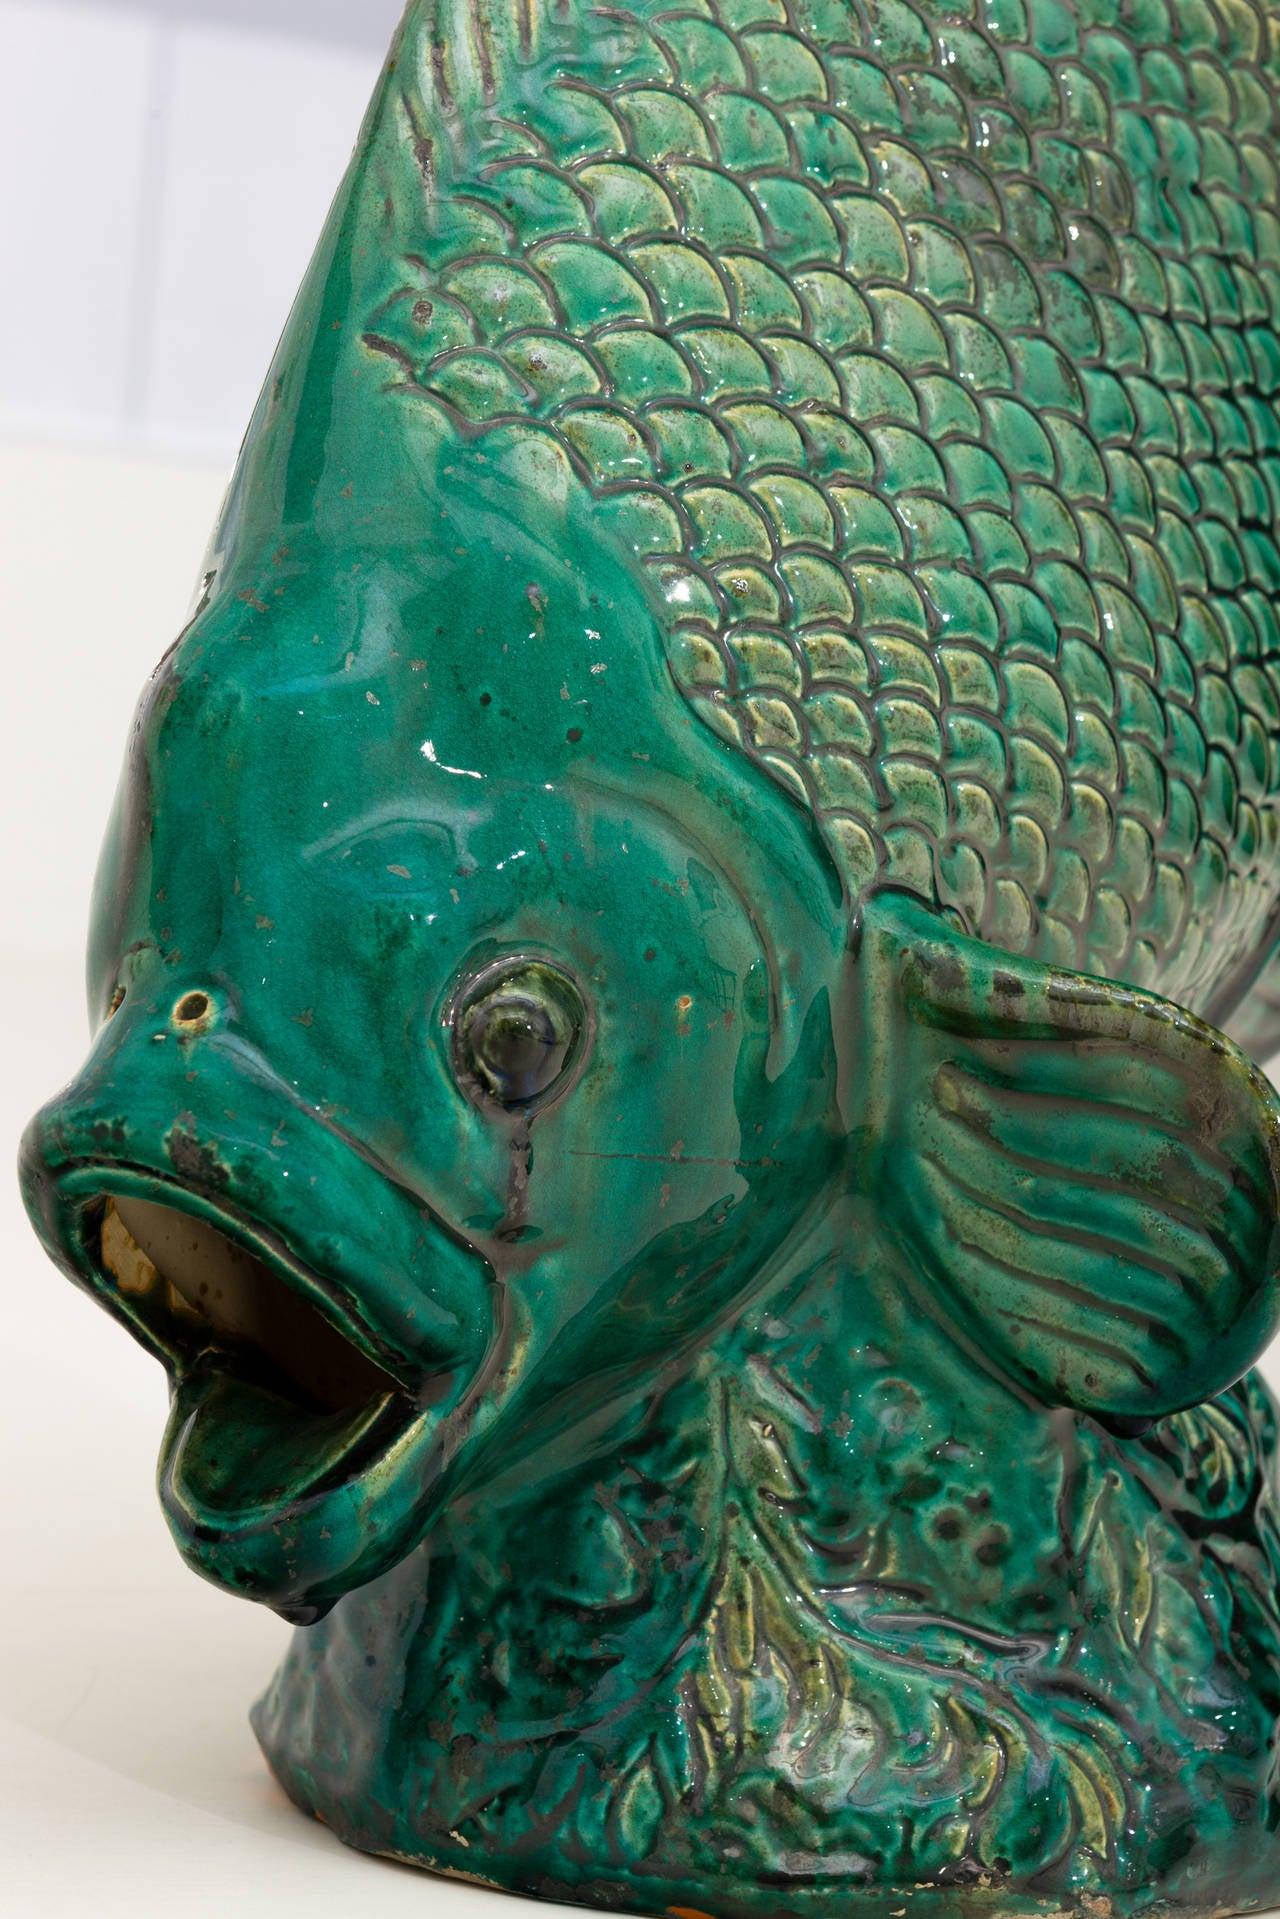 Beautiful Emerald Green Glazed Ceramic Sculpture